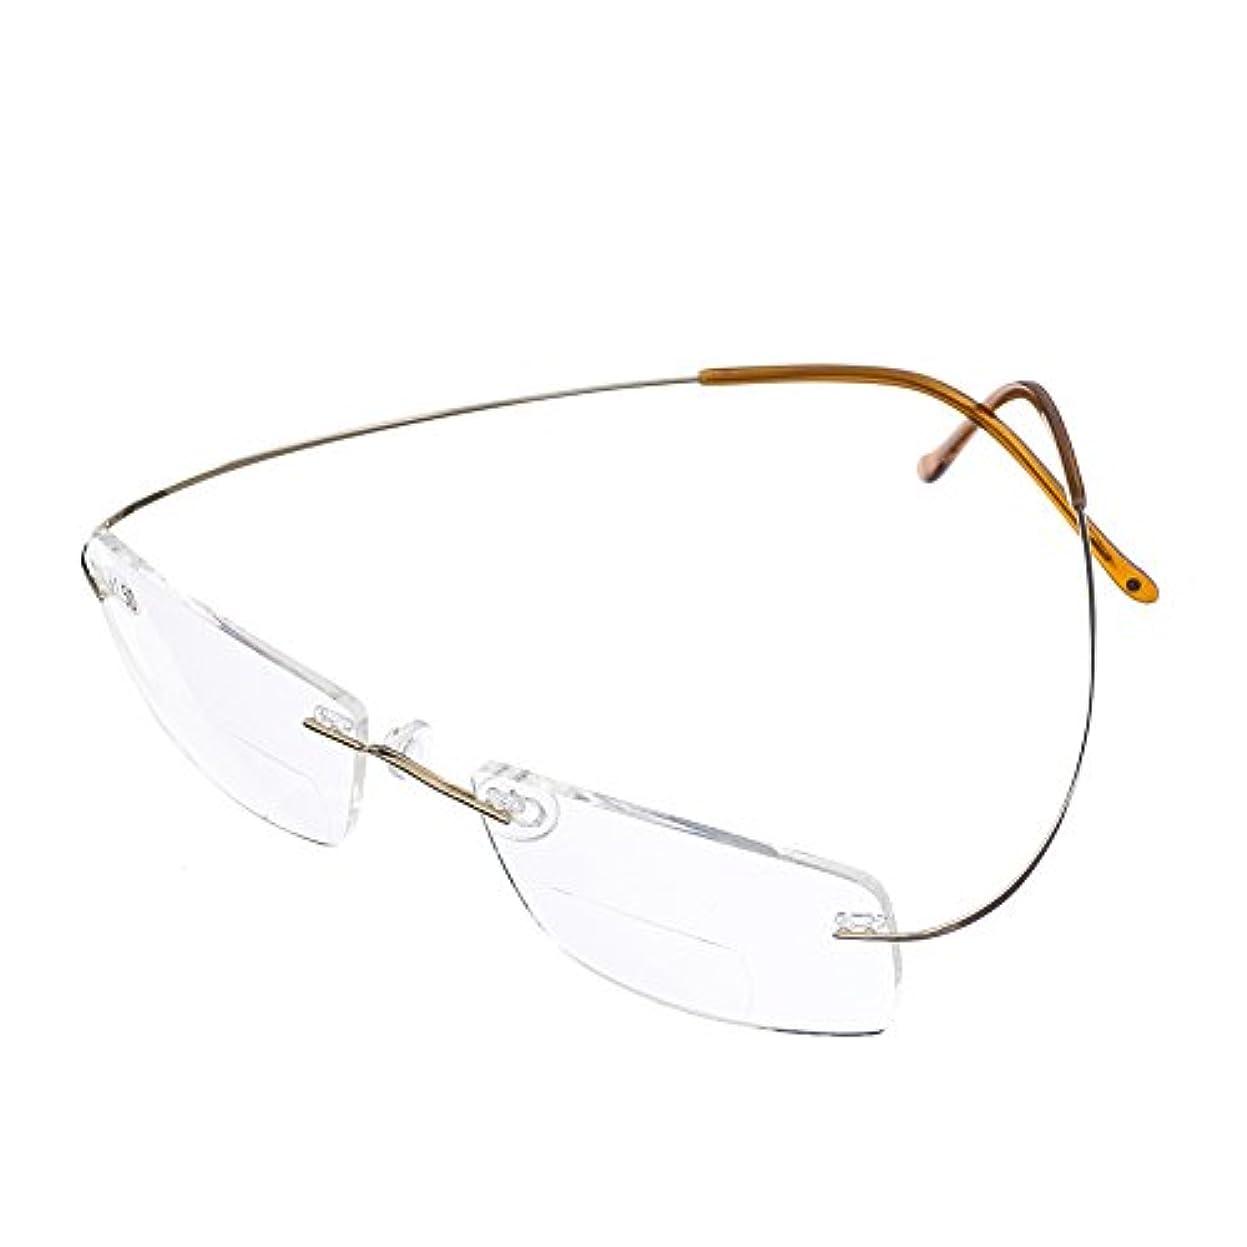 チタン 縁(フチ)なし リーディンググラス シニアグラス 遠近両用メガネ 老眼鏡 男 女 兼用 メンズ レディース